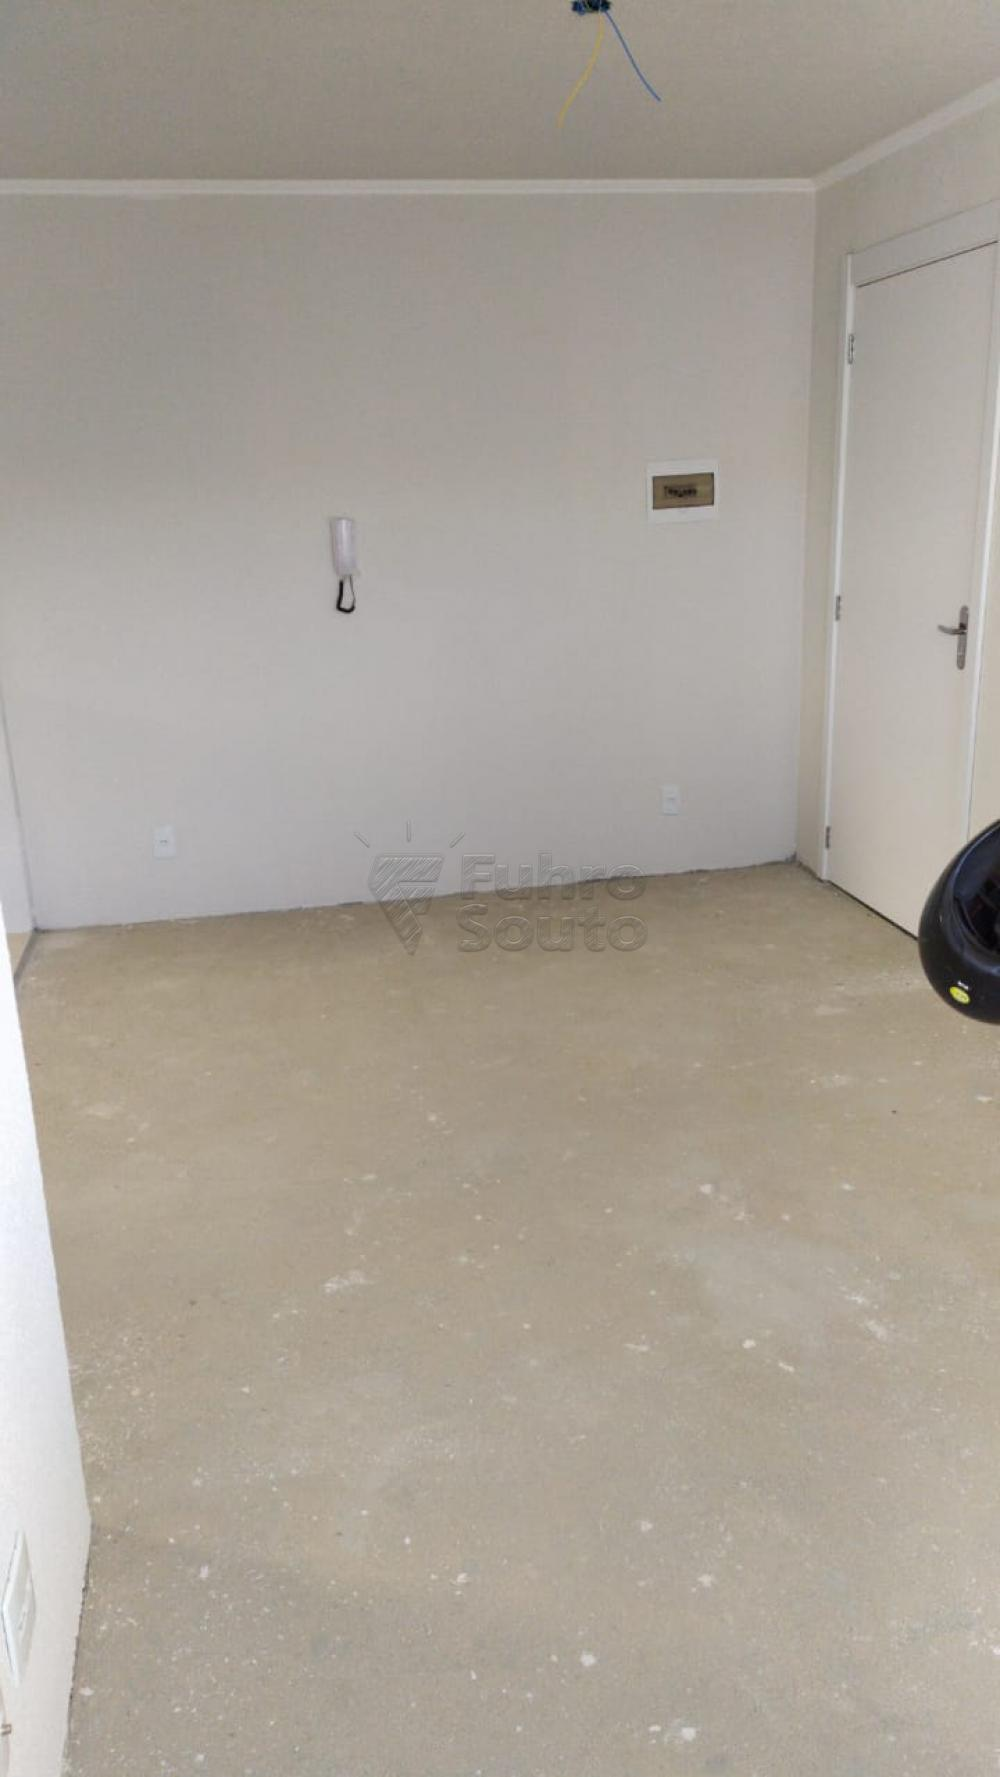 Comprar Apartamento / Padrão em Pelotas R$ 120.000,00 - Foto 2